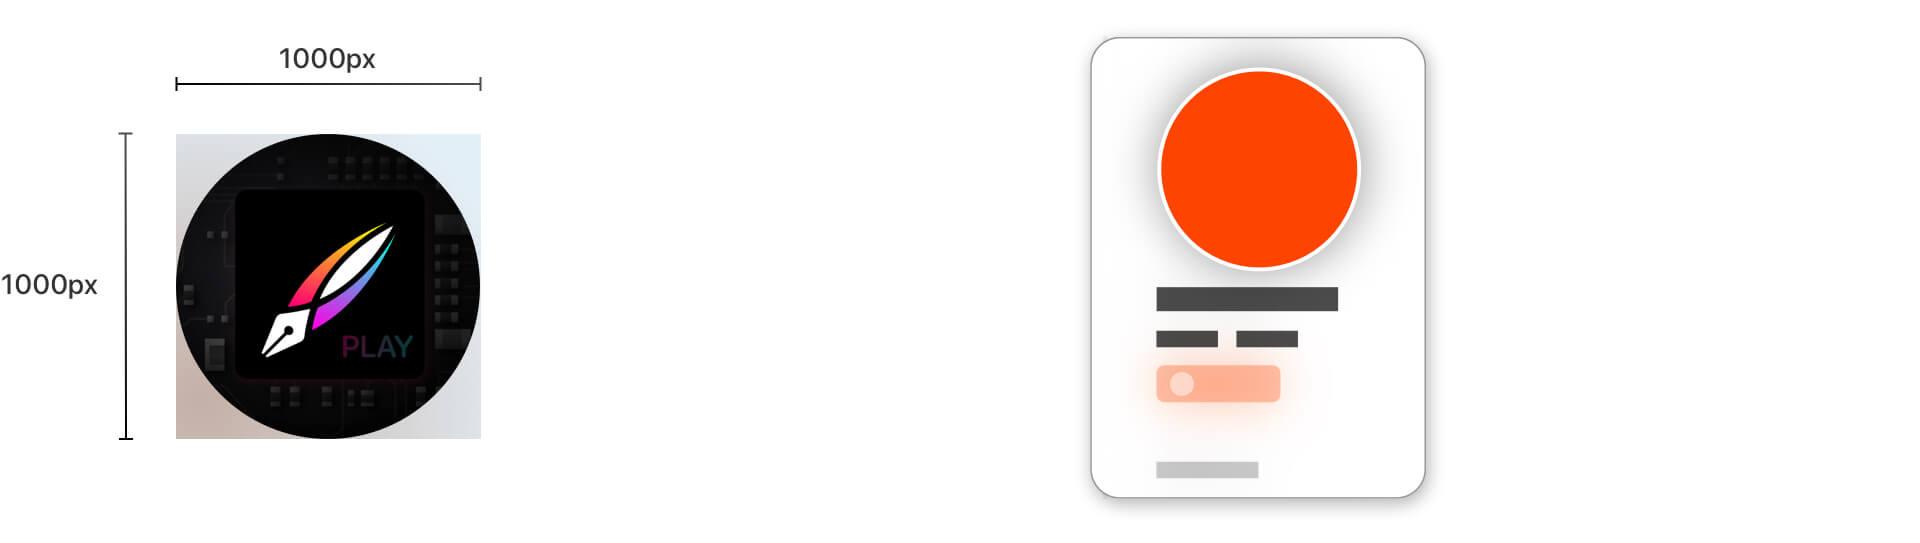 SoundCloud Profile Image Size